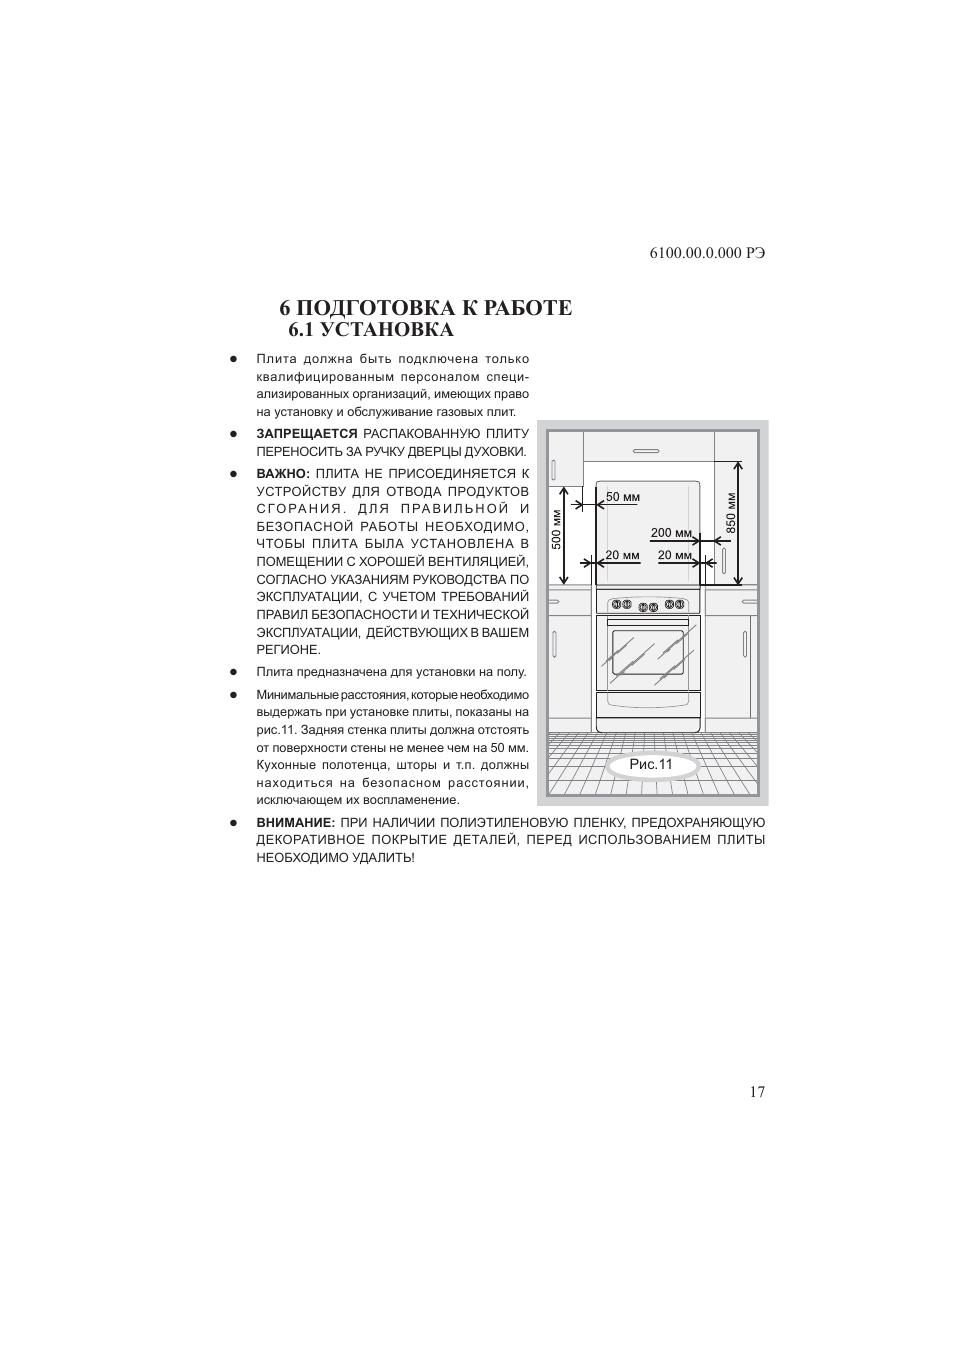 инструкция газовой плиты гефест 1100